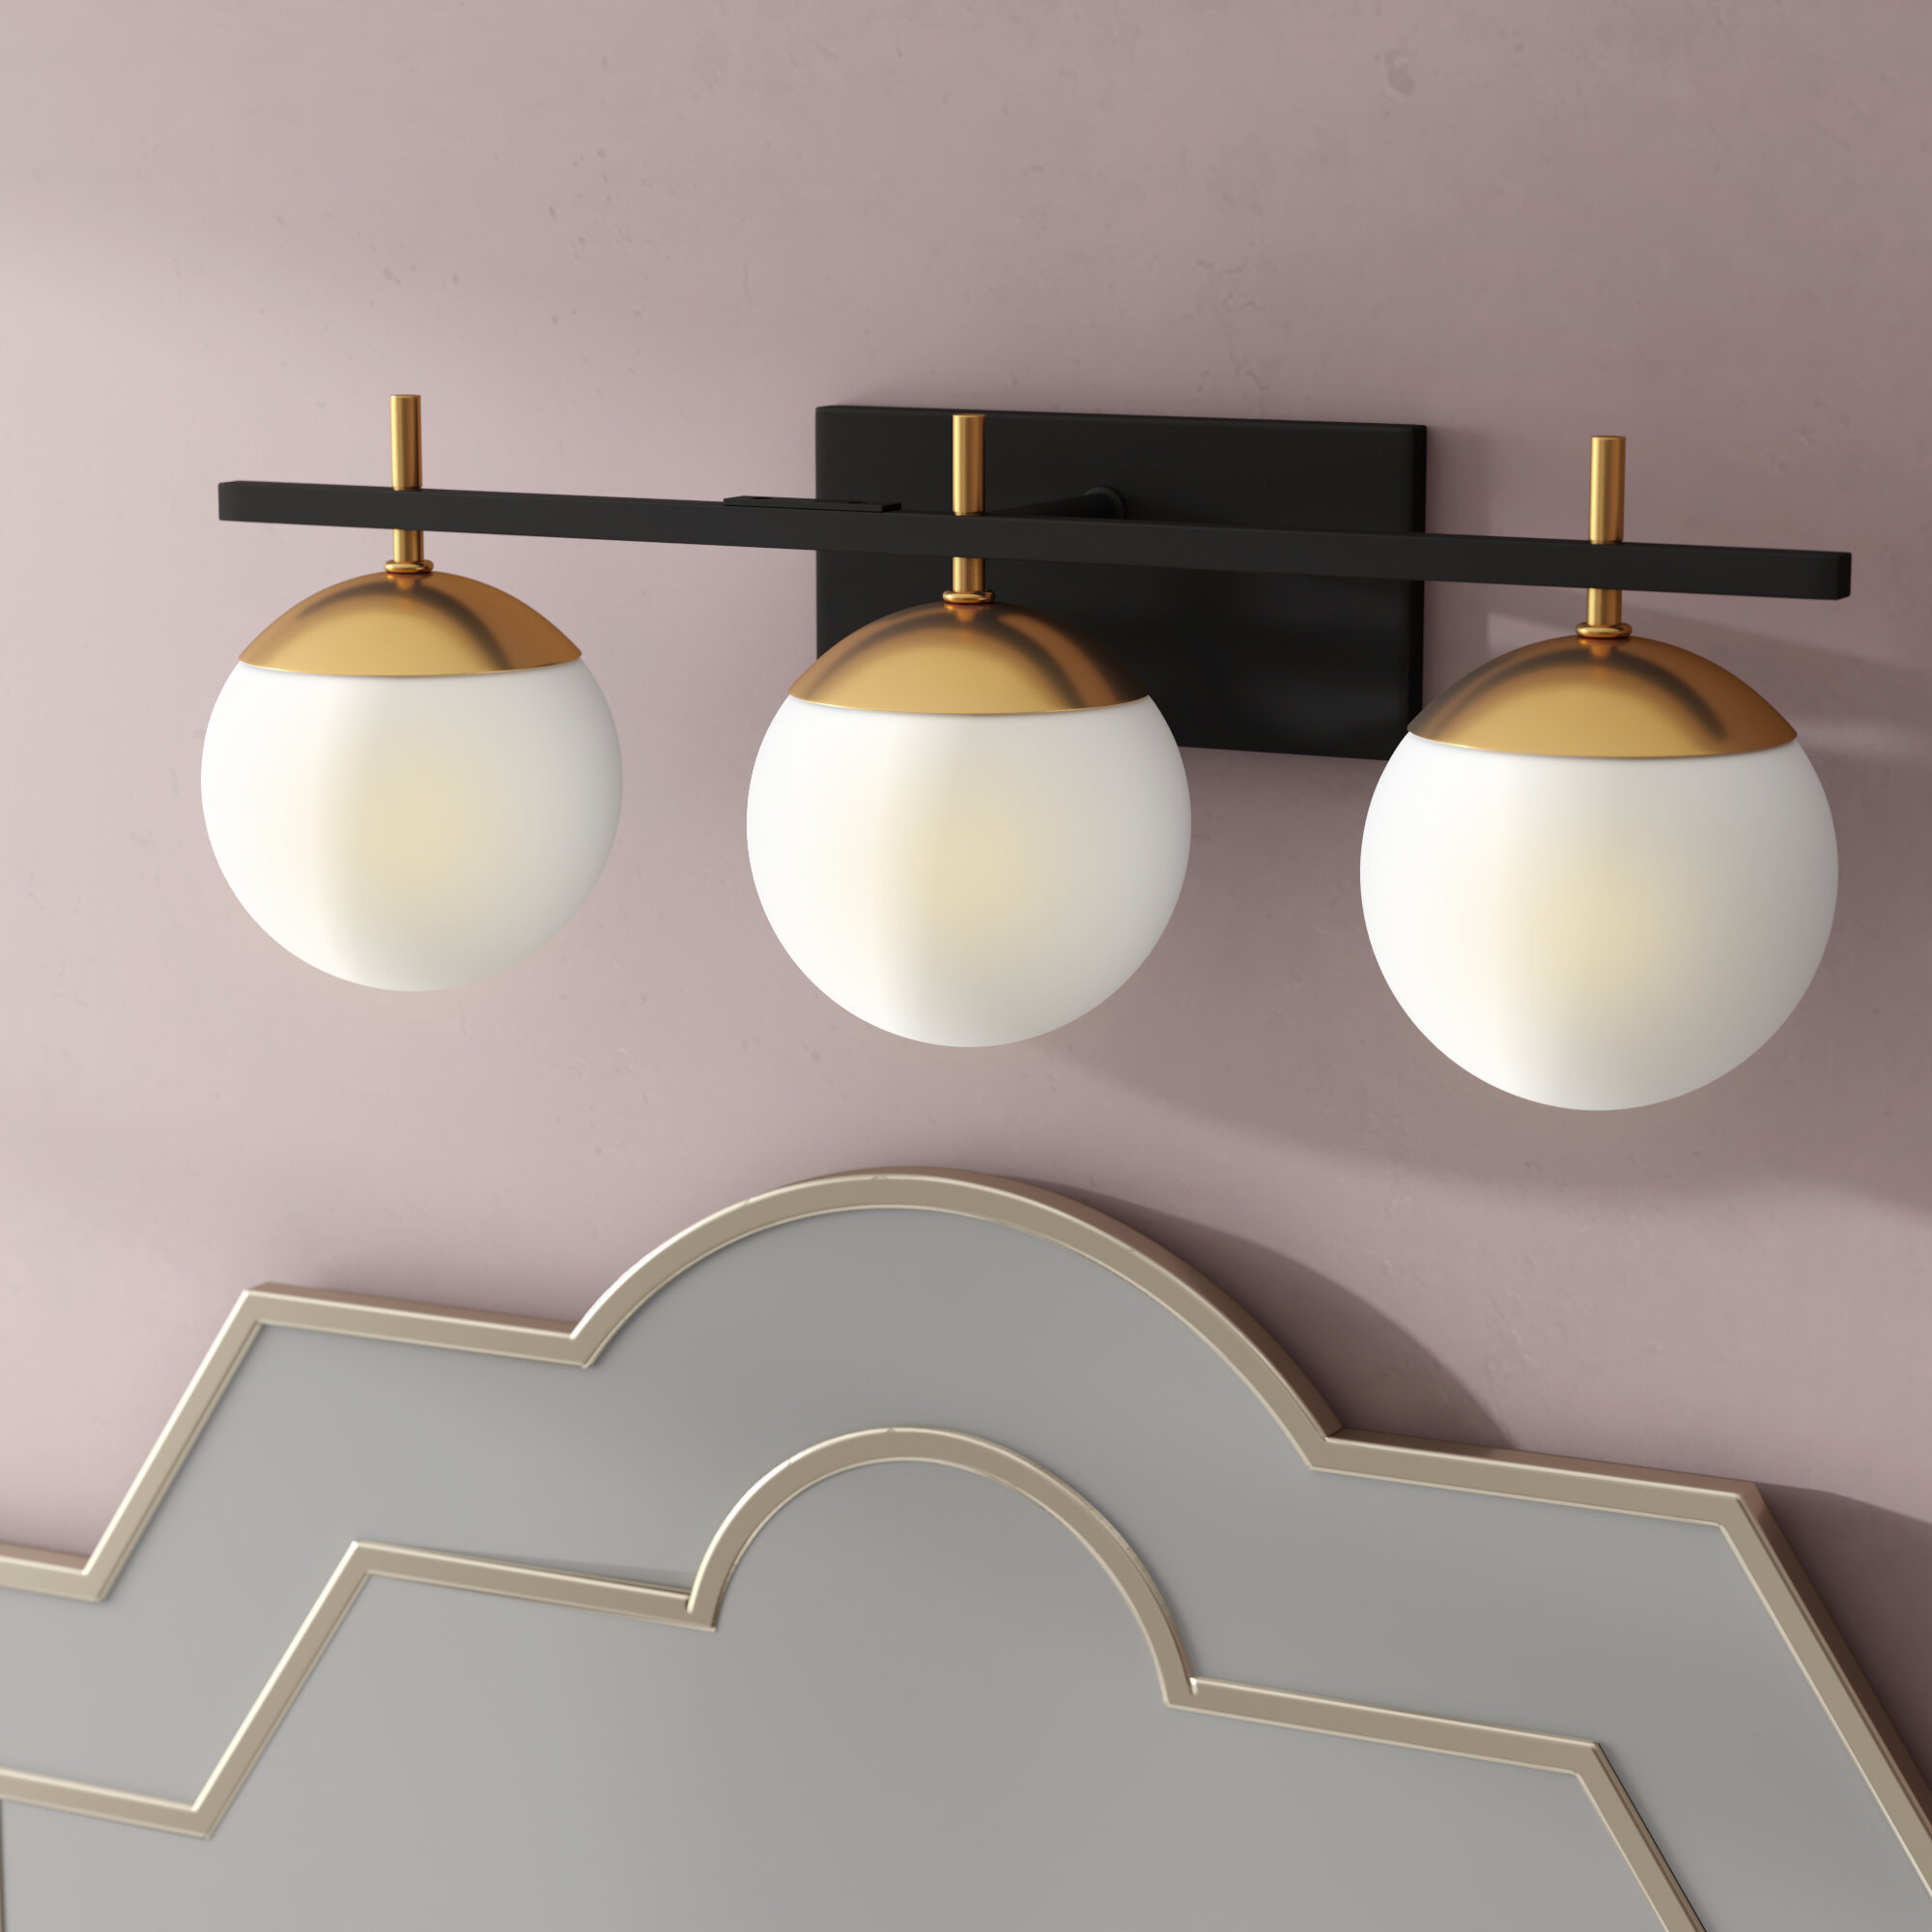 Mercer41 rosanne 3 light vanity light reviews wayfair